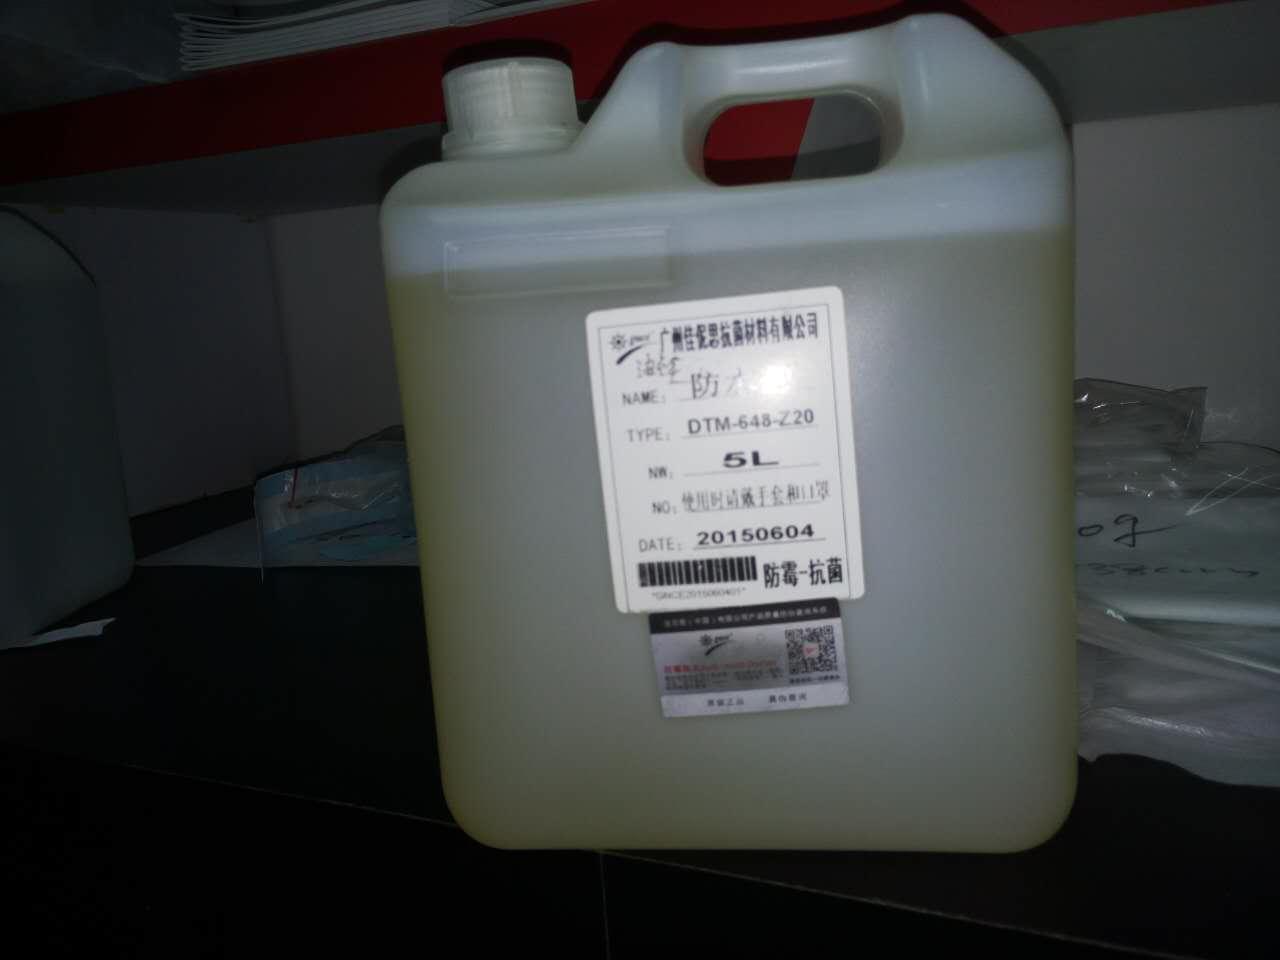 佳尼斯皮革油性防水剂DTM-648,鞋子防水剂厂家,用于皮革和纺织面料表面防水